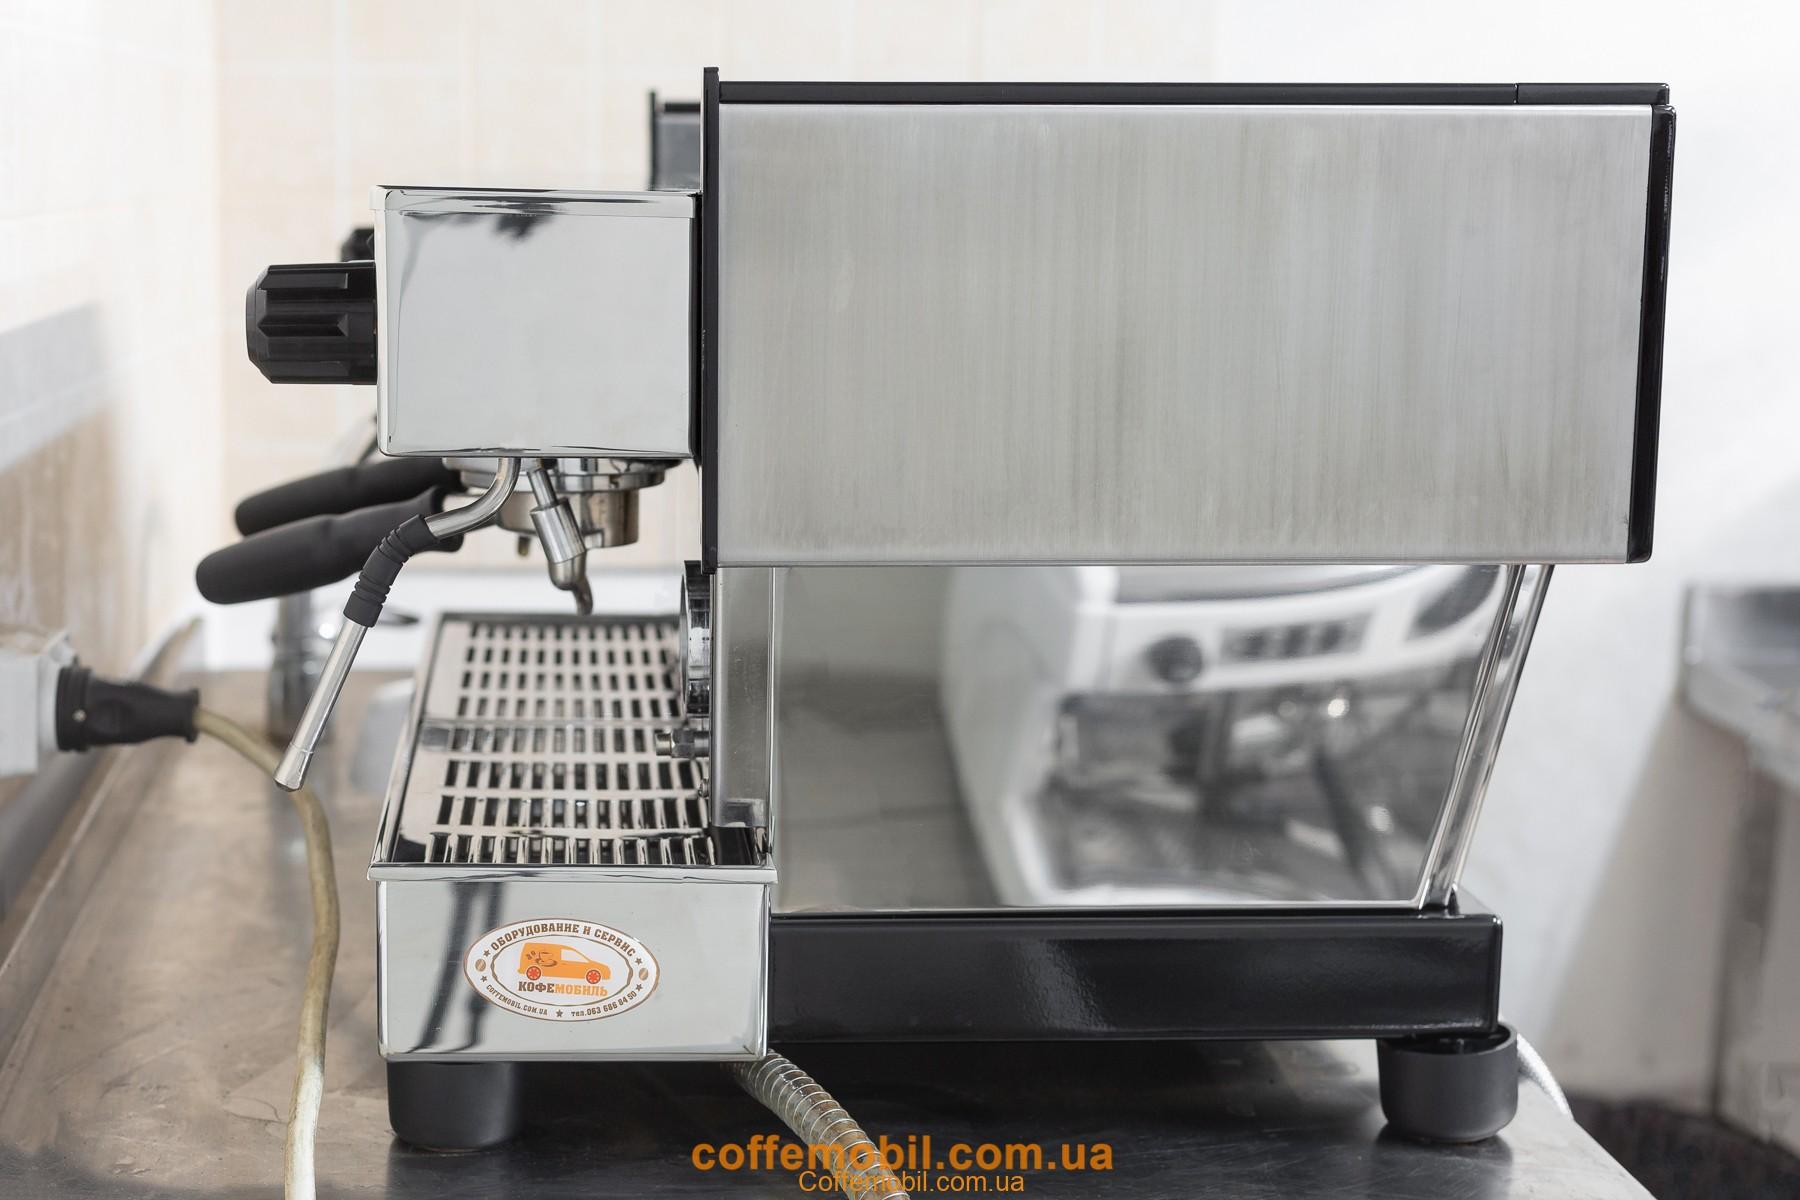 Профессиональная полировка кофемашин